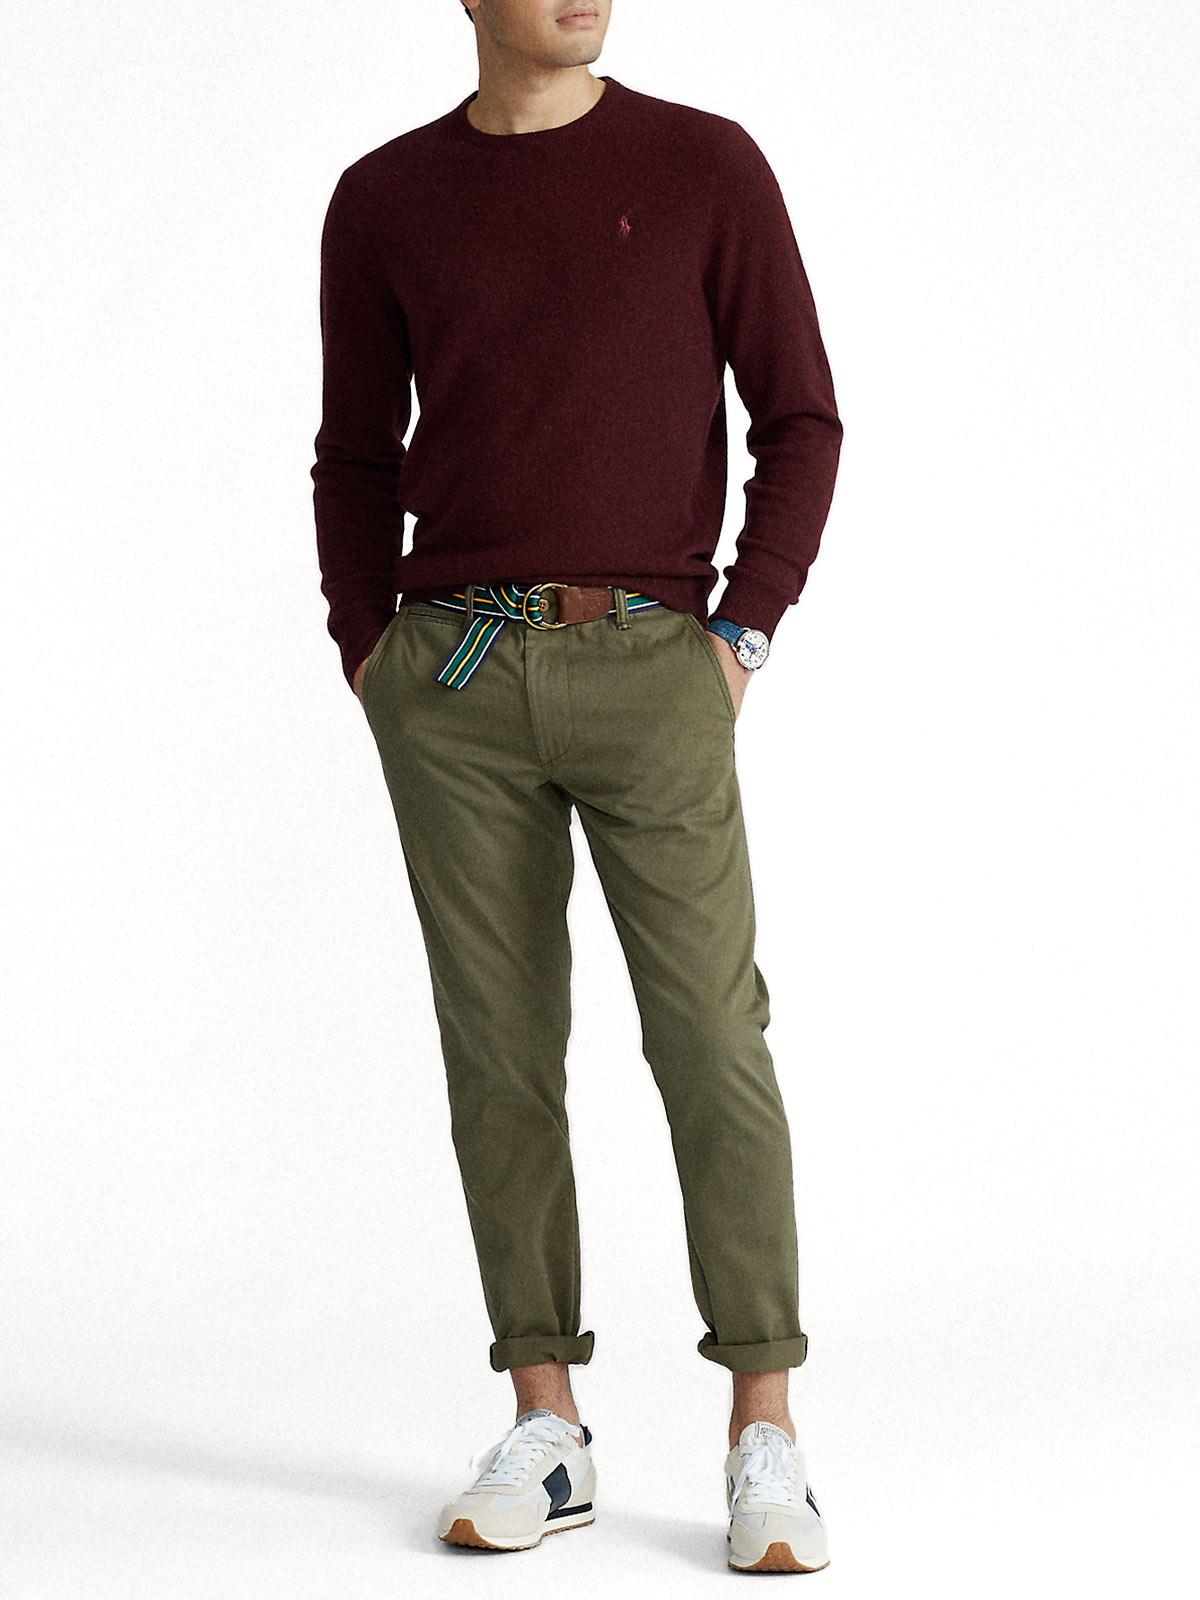 Immagine di POLO RALPH LAUREN | Pullover Uomo in Lana Merino